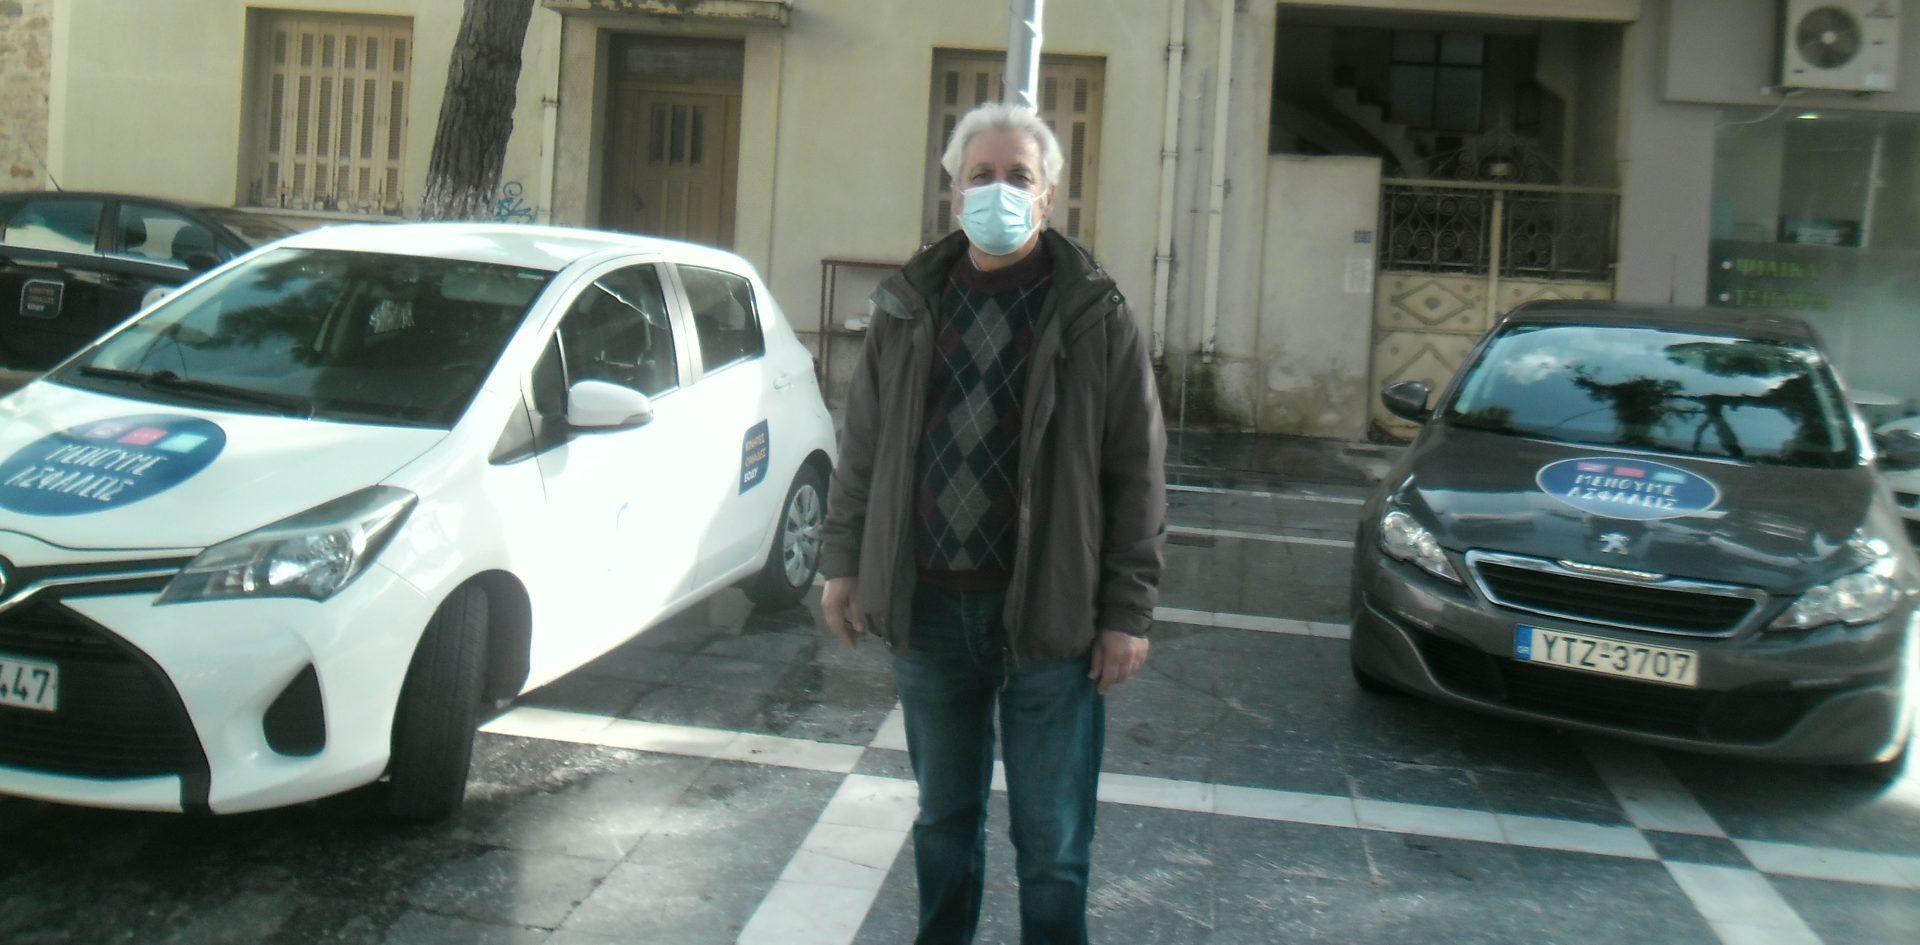 Ίδρυση ΚΕΠ Υγείας (Κέντρο Πρόληψης για την Υγεία) στο Δήμο Κρωπίας με την υποστήριξη του Ελληνικού Διαδημοτικού Δικτύου Υγιών Πόλεων